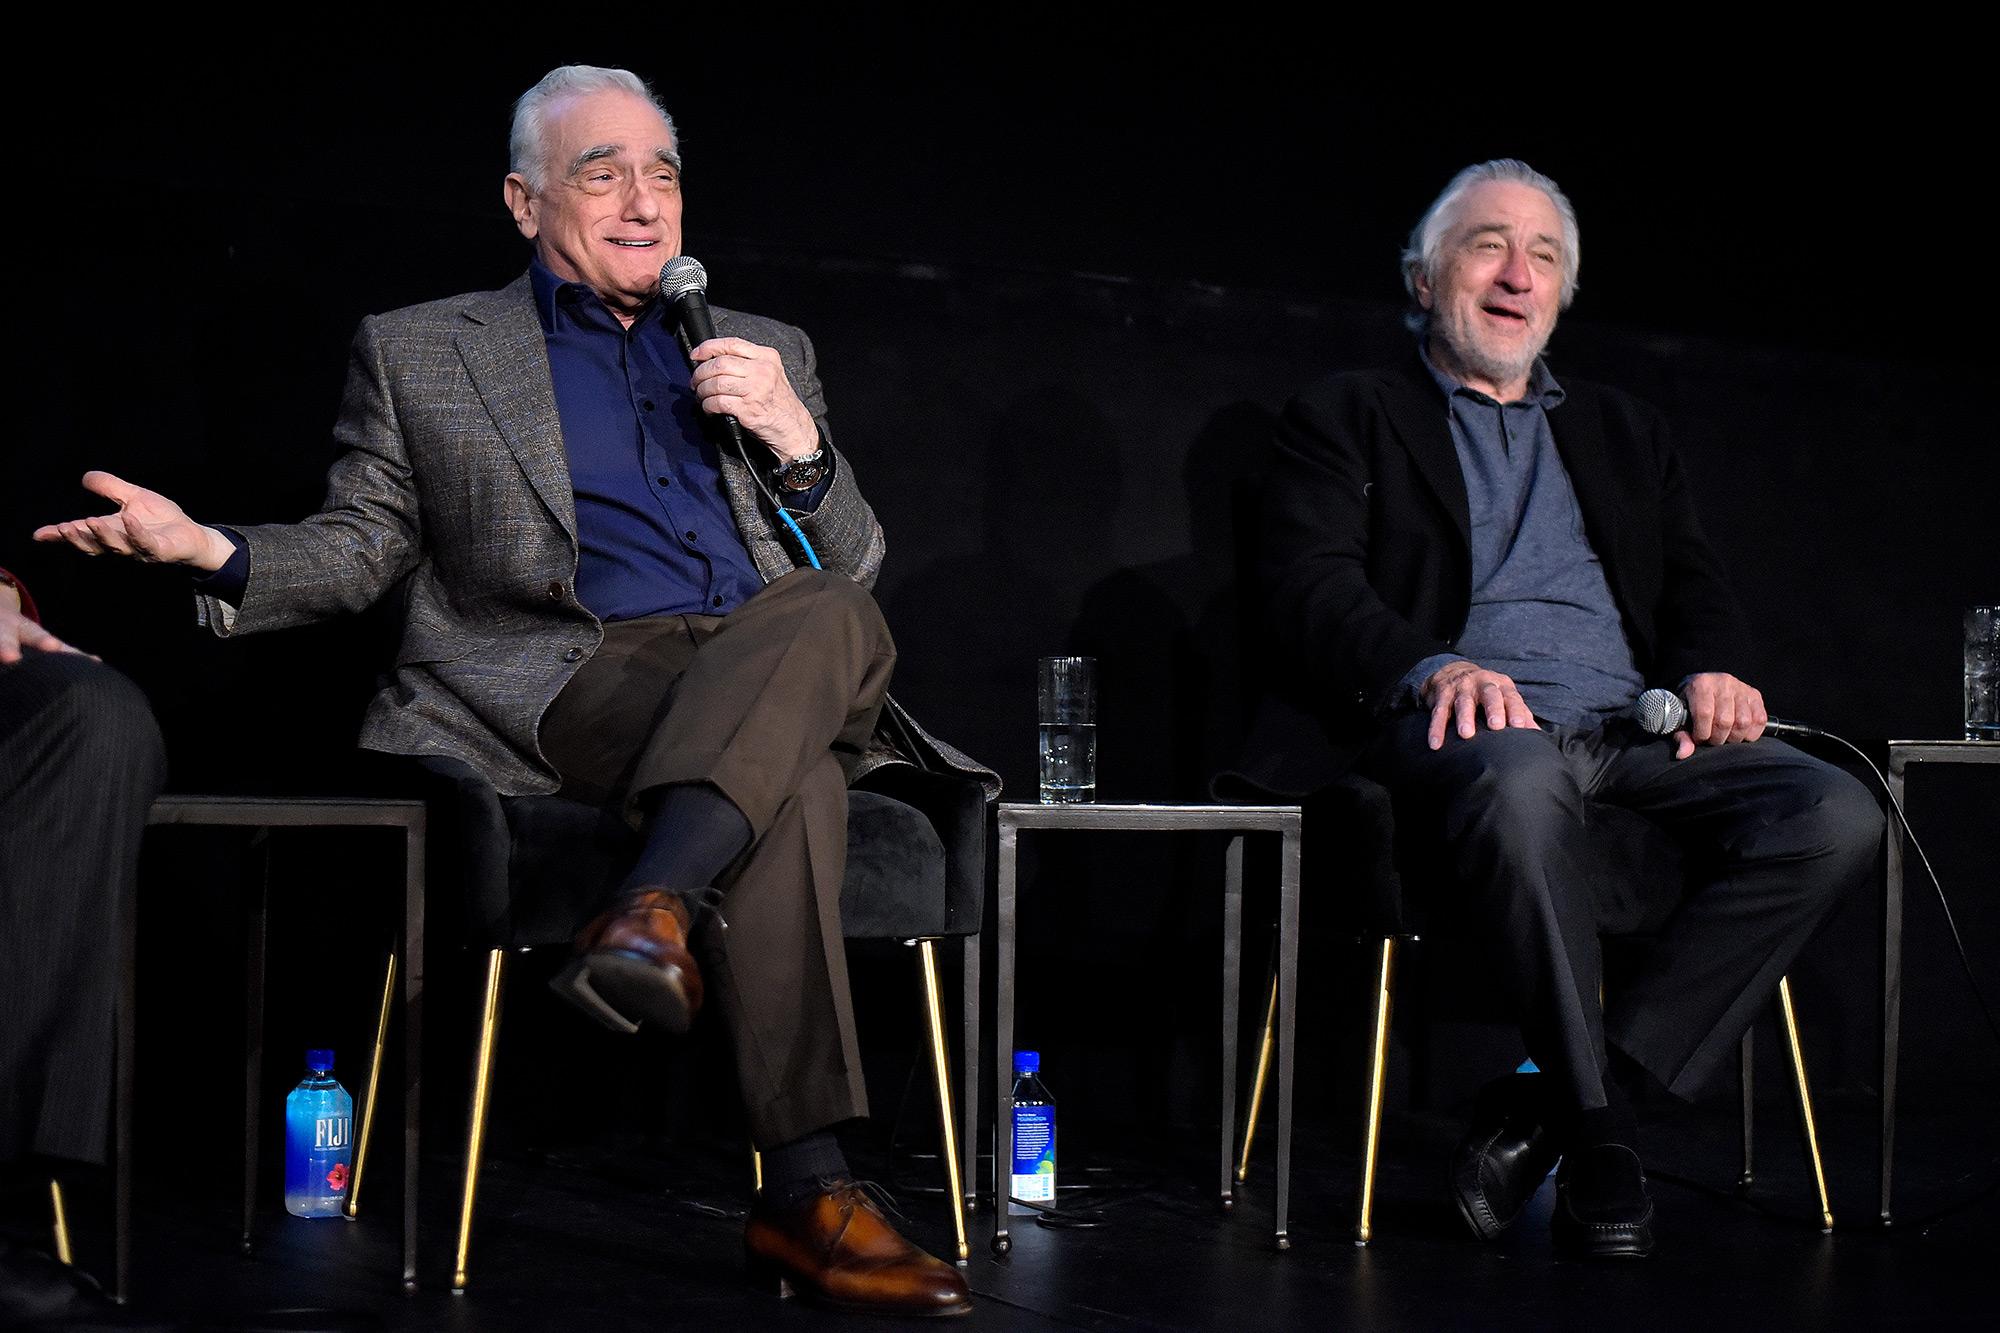 Martin Scorsese and actor Robert De Niro